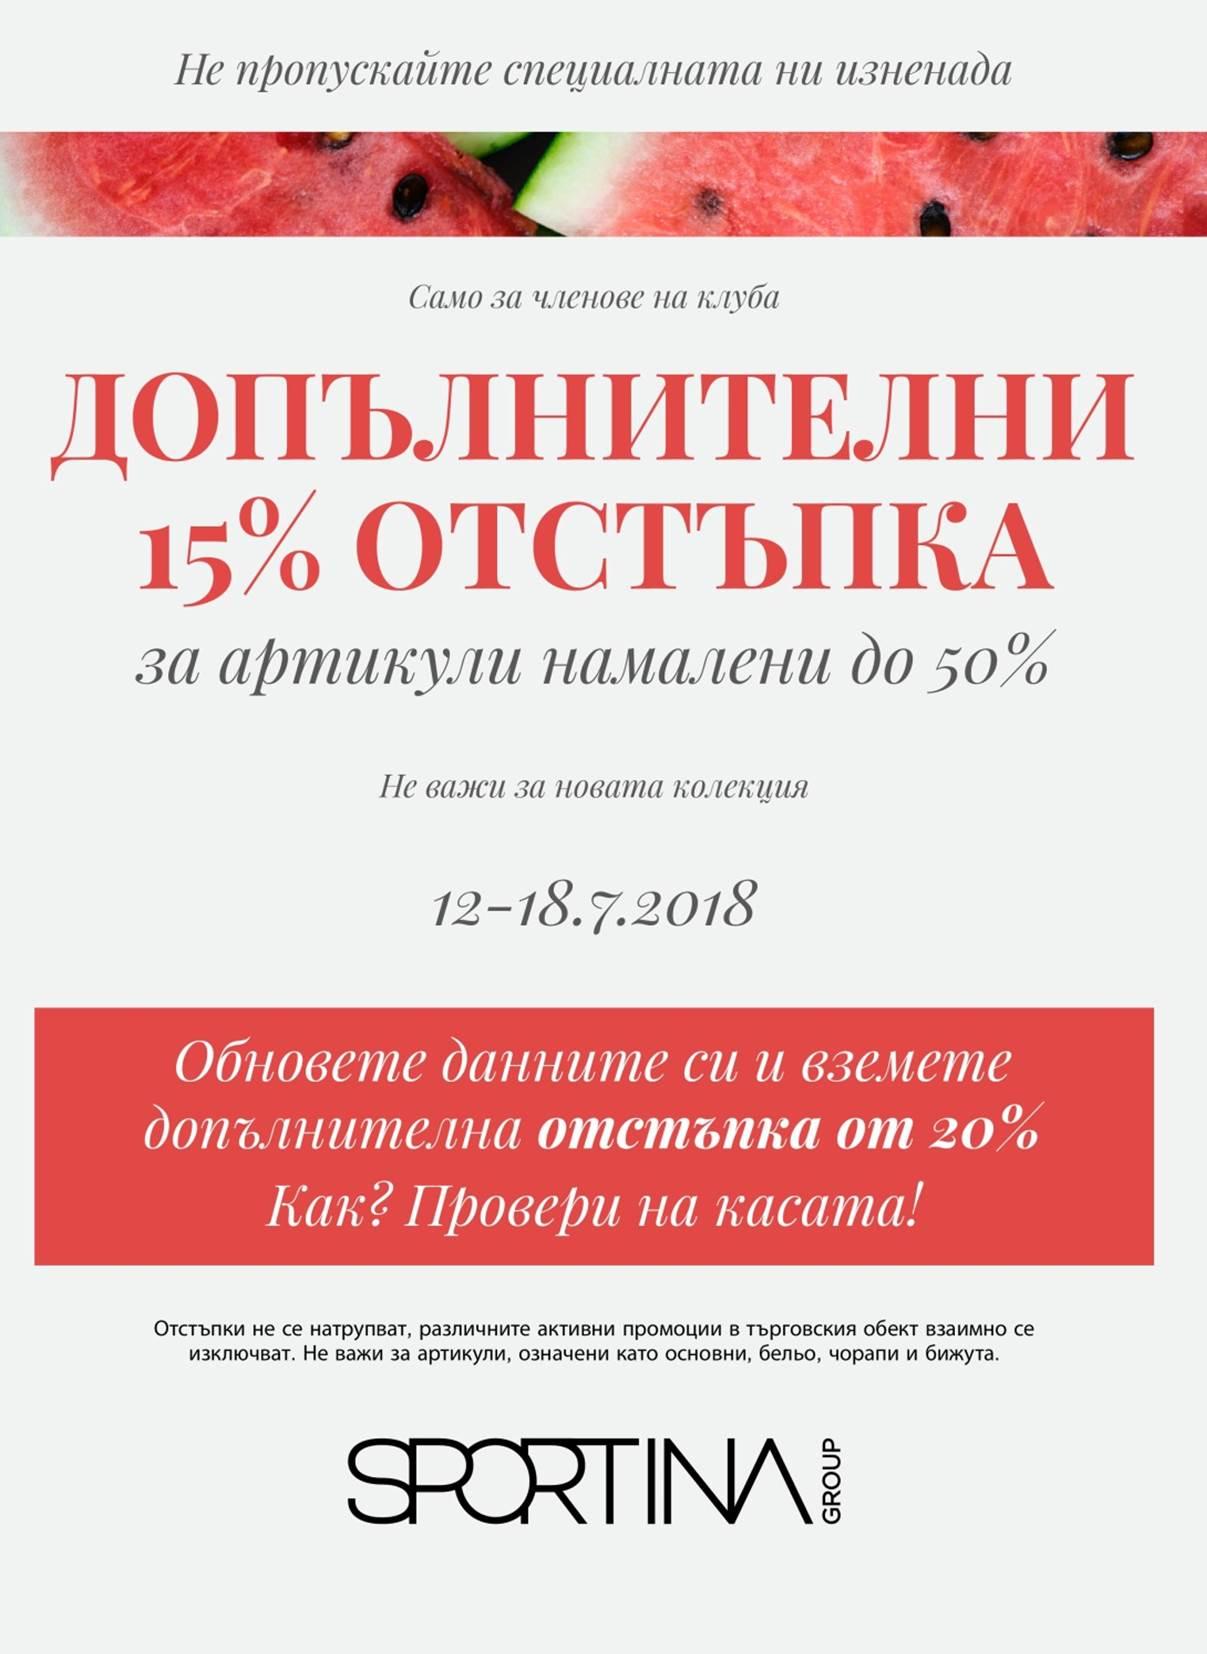 Допълнителни отстъпки за членовете на Sportina Group